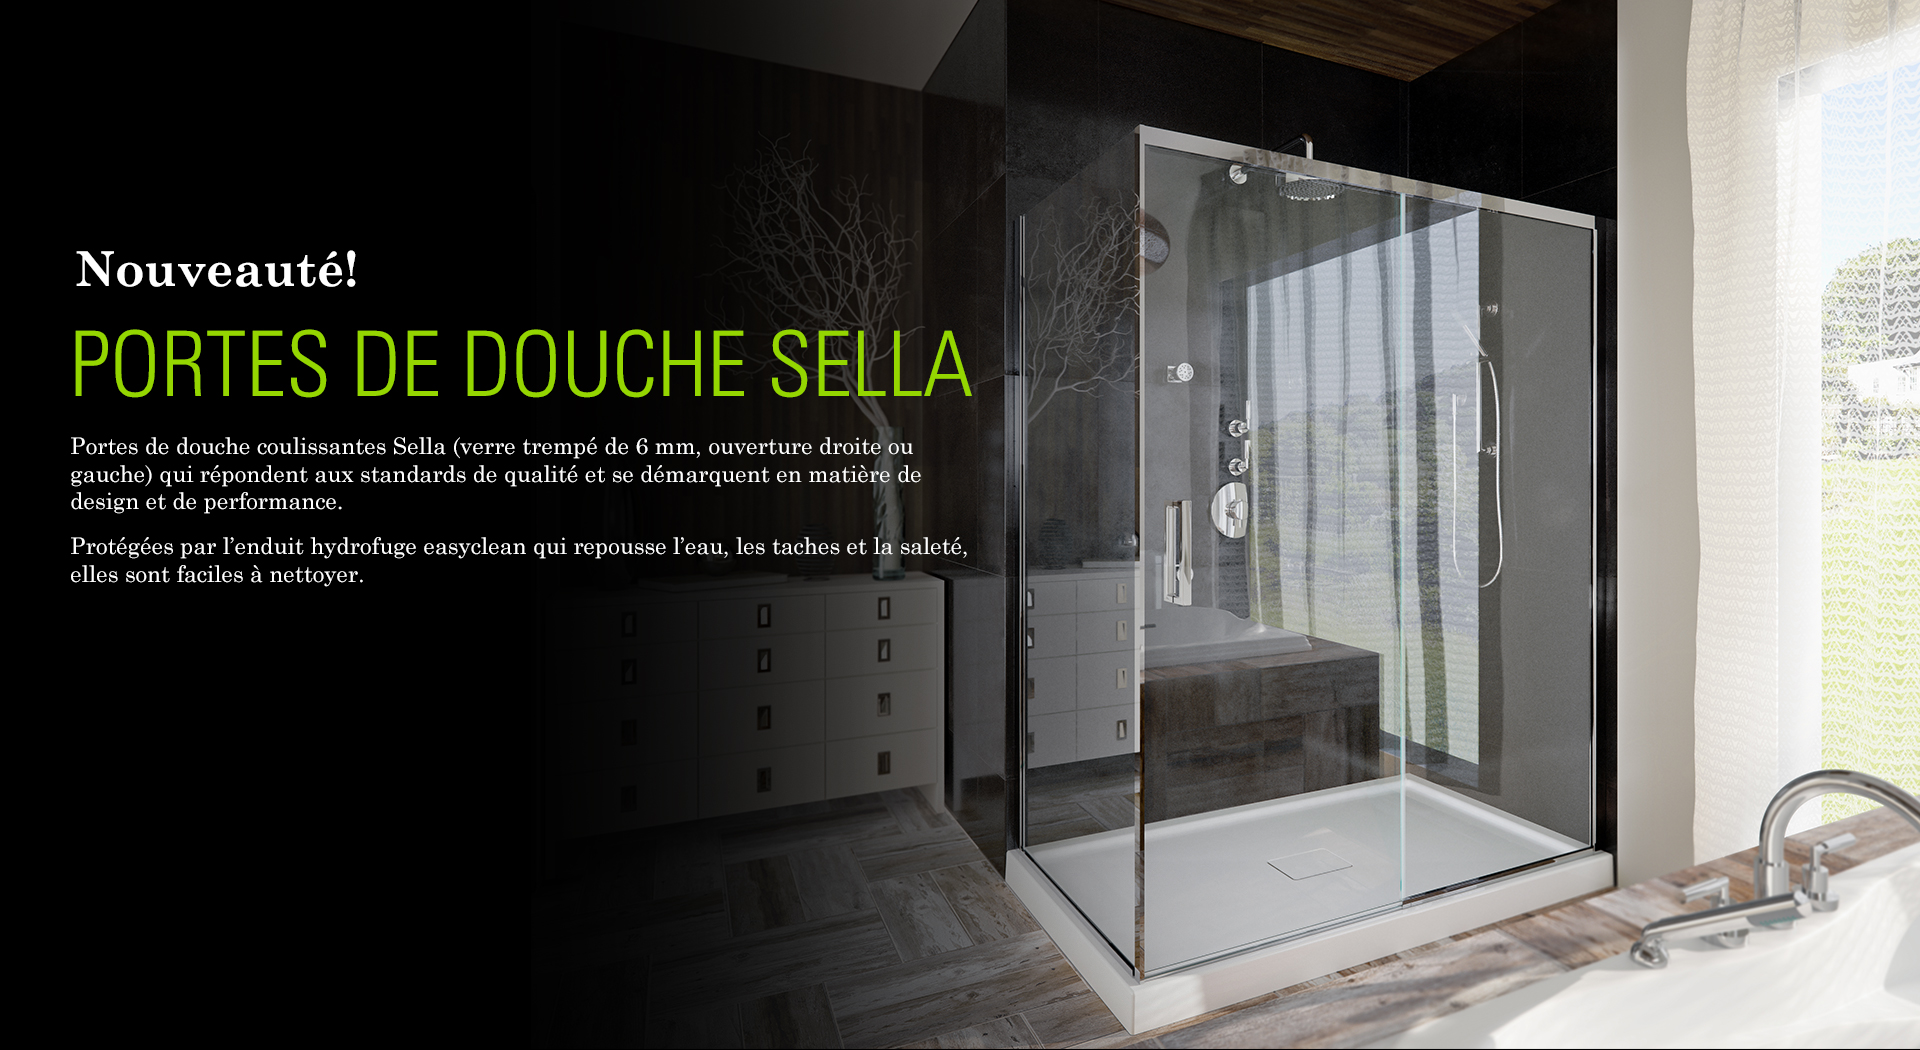 Salle de bain | Douche, bain et accessoires | Produits Neptune